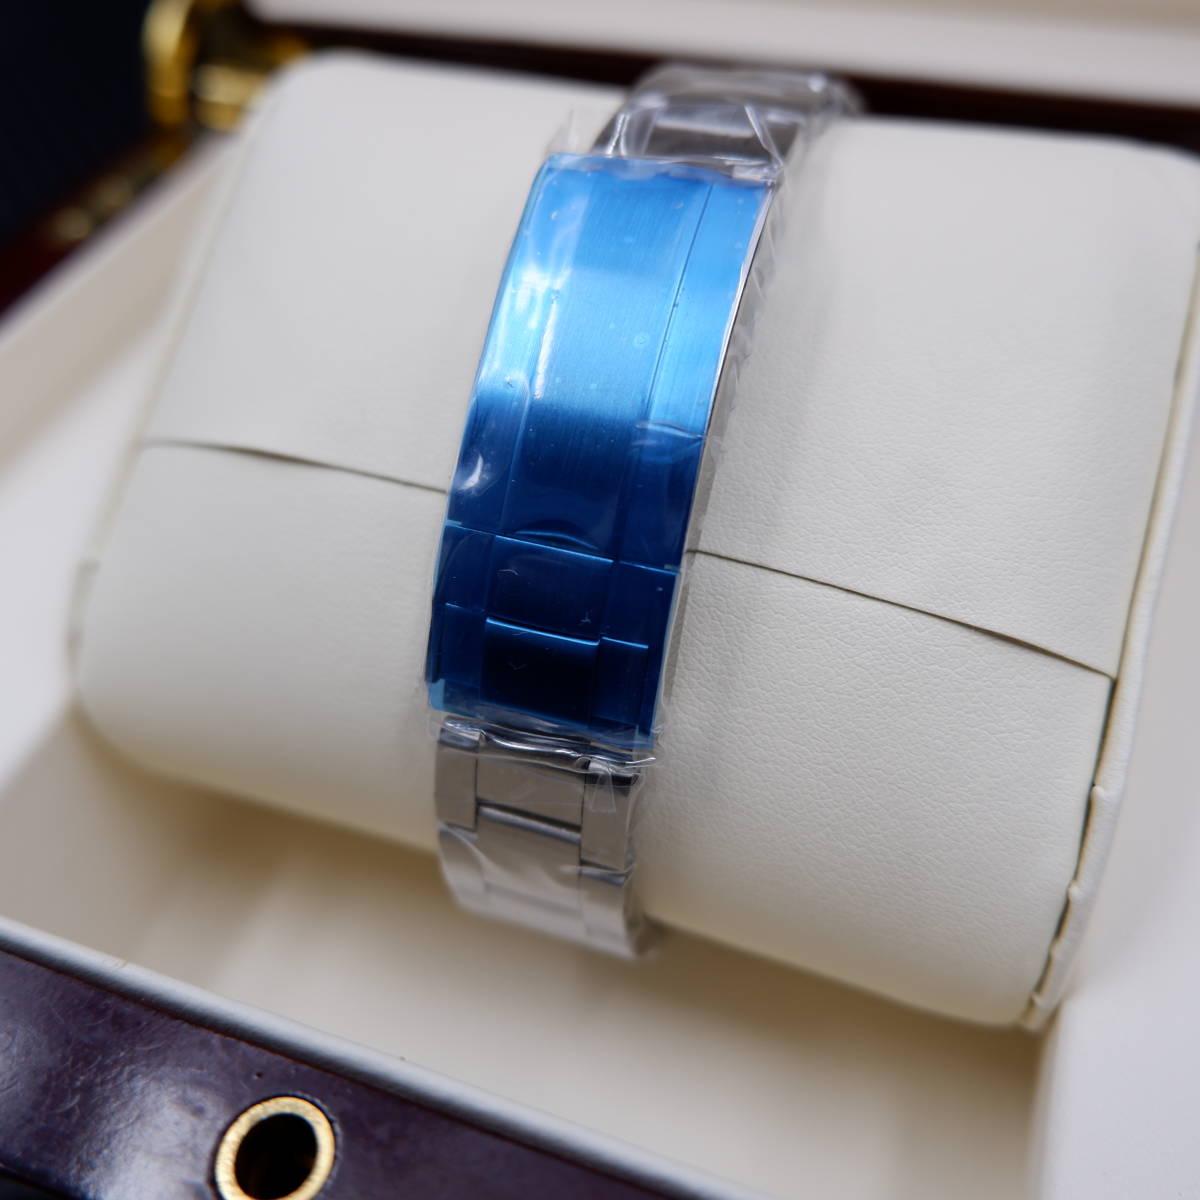 【希望小売価格:29,800円】日本製ムーブメント40mmメンズ自動巻き腕時計ミルガウス/スーツに似合う人気高級ブランド/防水/おすすめ_画像5